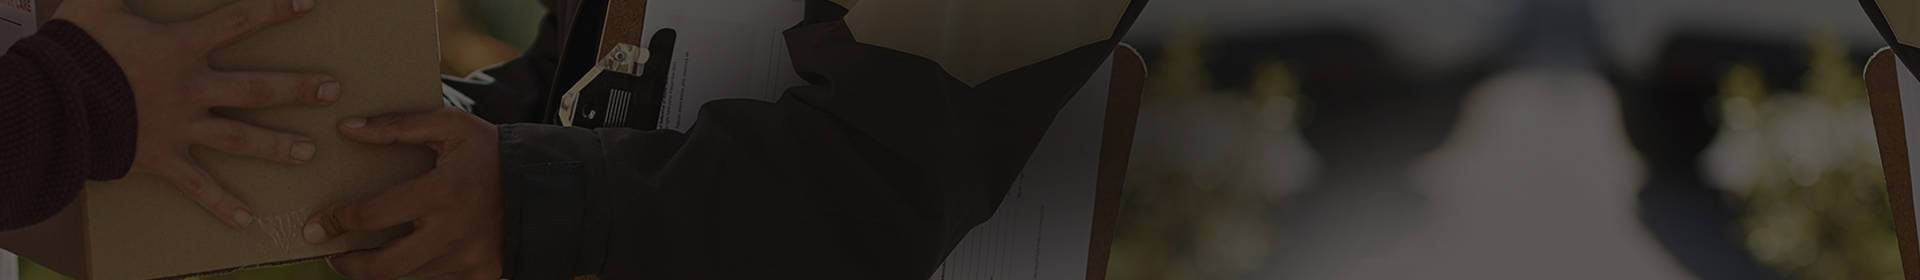 gwarancja_banner-tytułowy5